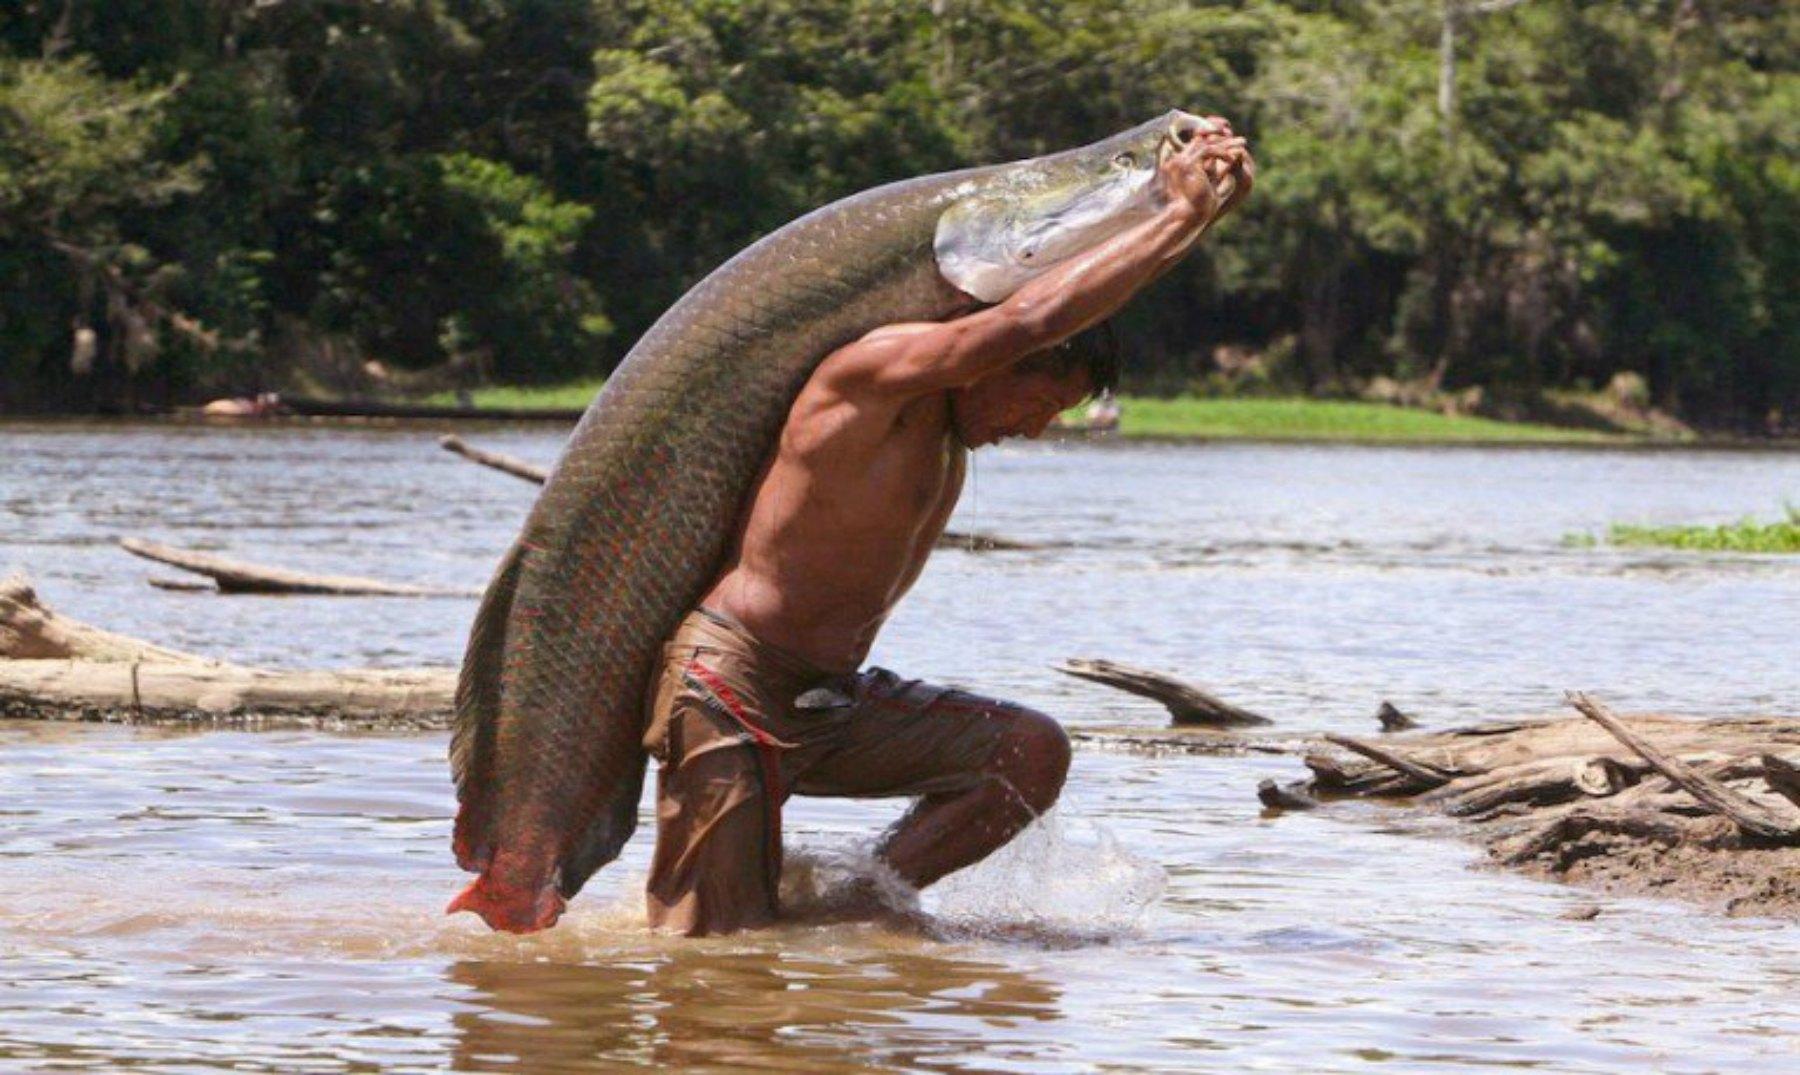 攻击力极强的巨鱼,却智商堪忧,蠢到国家设法保护后才得以幸存